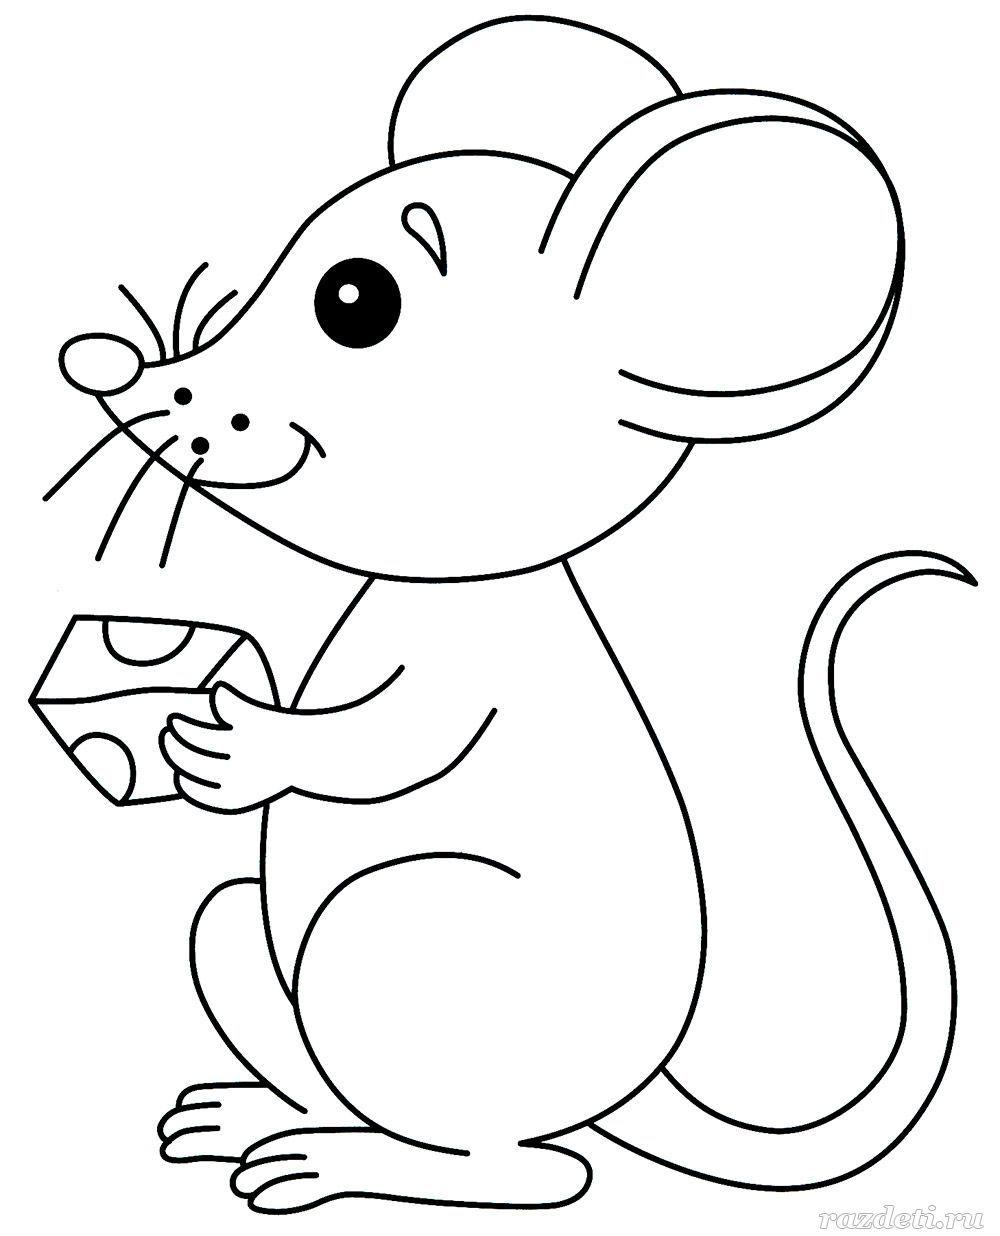 Раскраска Мышка | Трафареты, Рождественские раскраски и ...